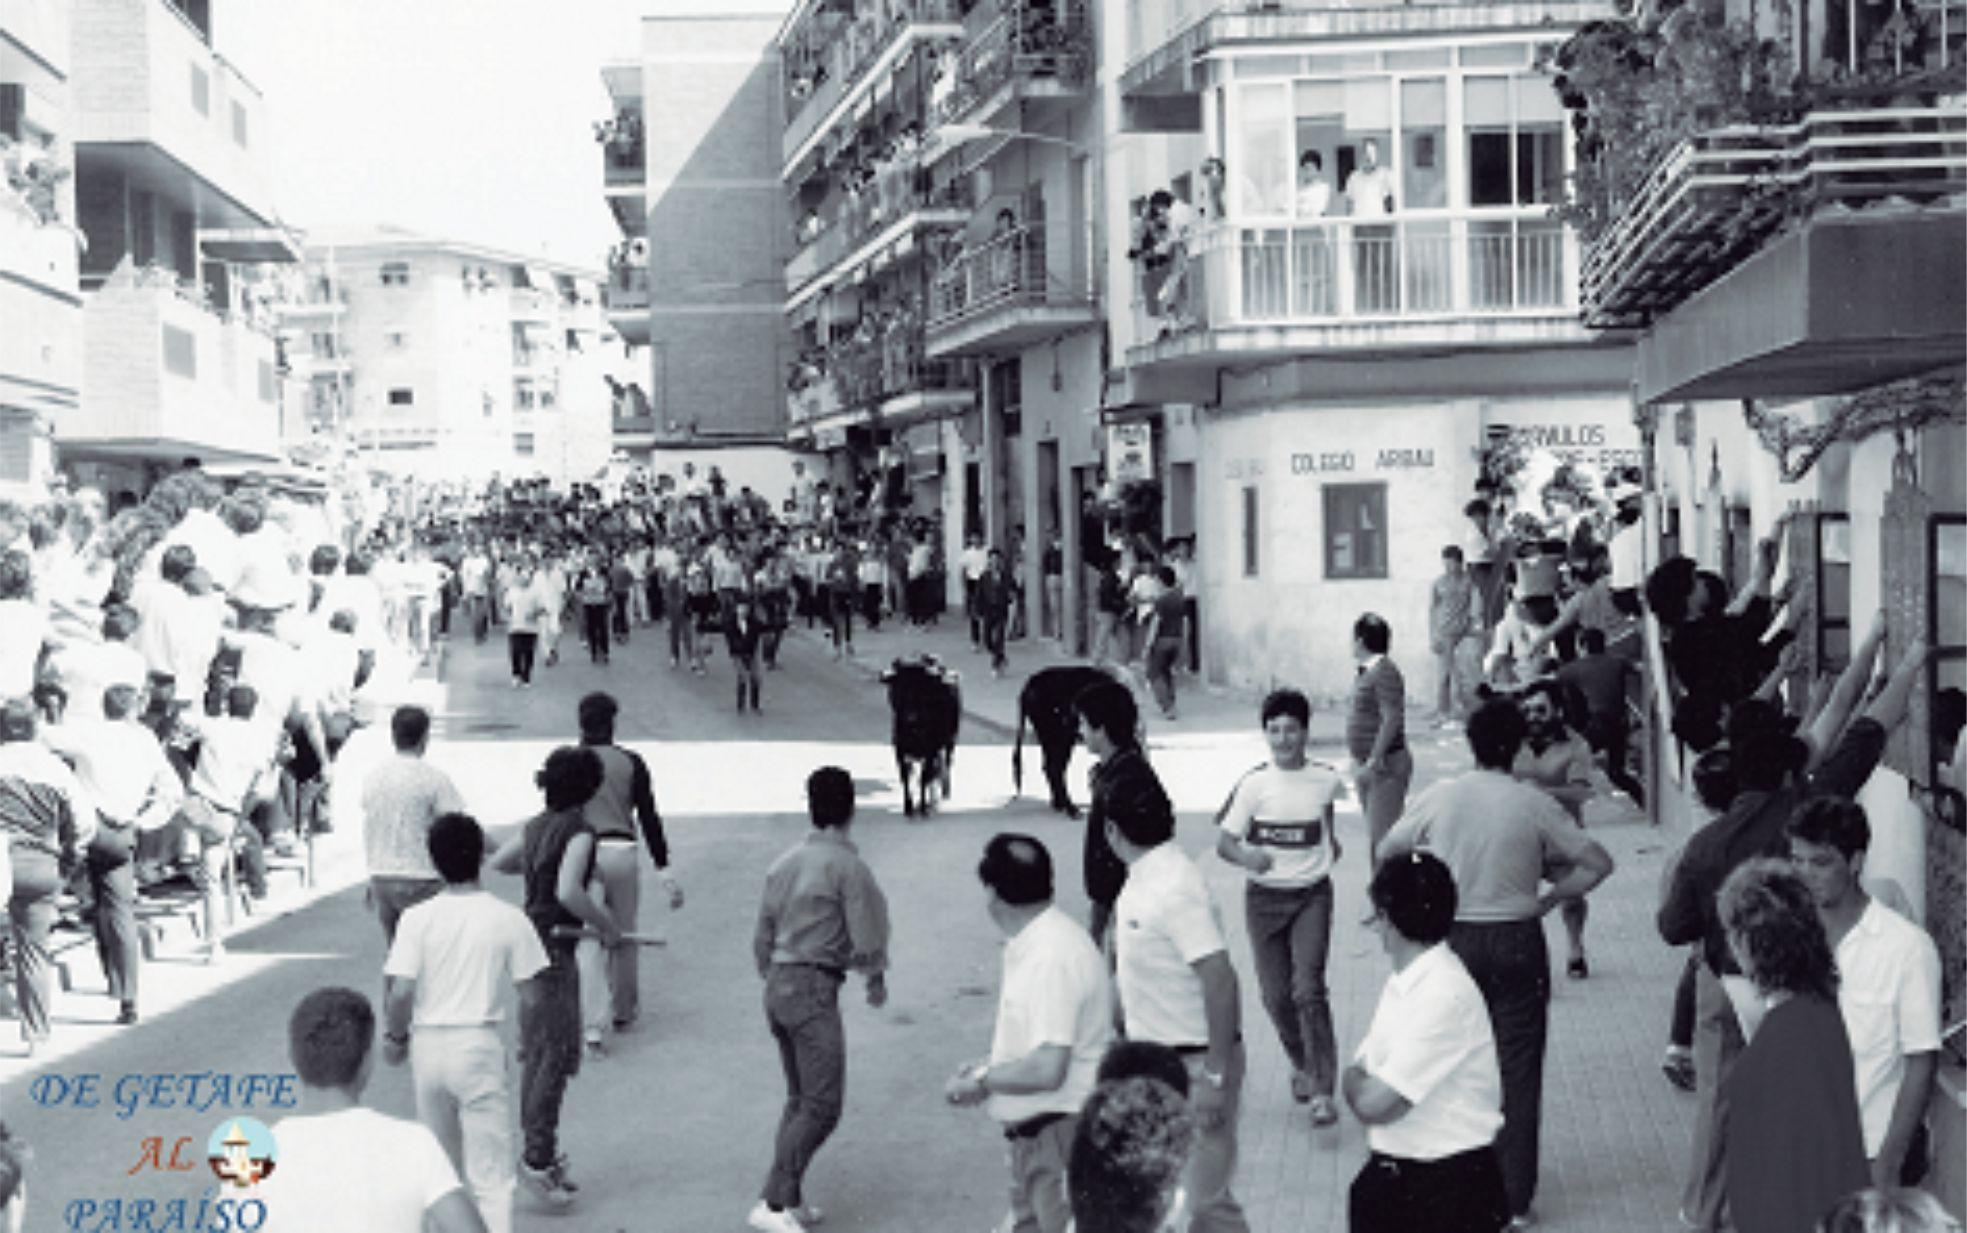 En habitantes en 1960 getafe